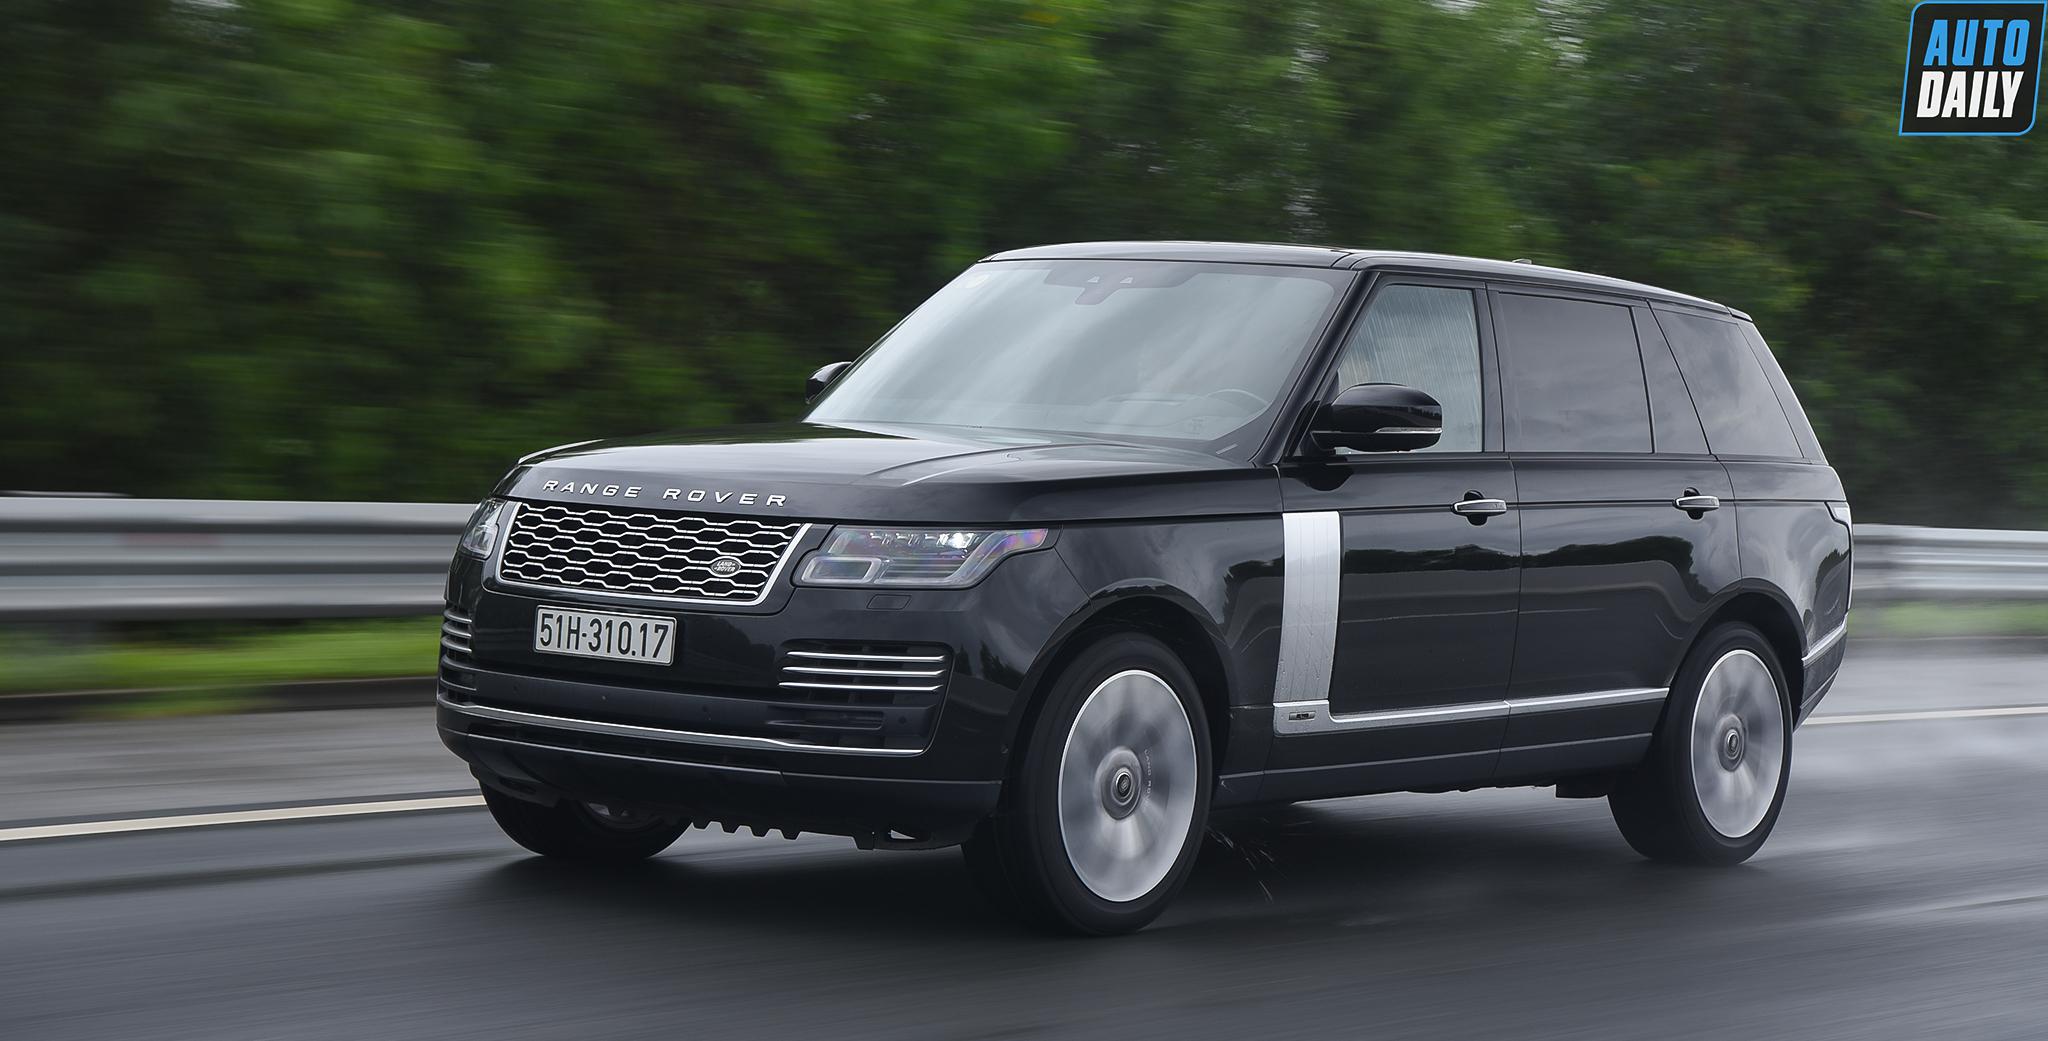 Đánh giá Range Rover Autobiography LWB P400: Đỉnh cao SUV hạng sang